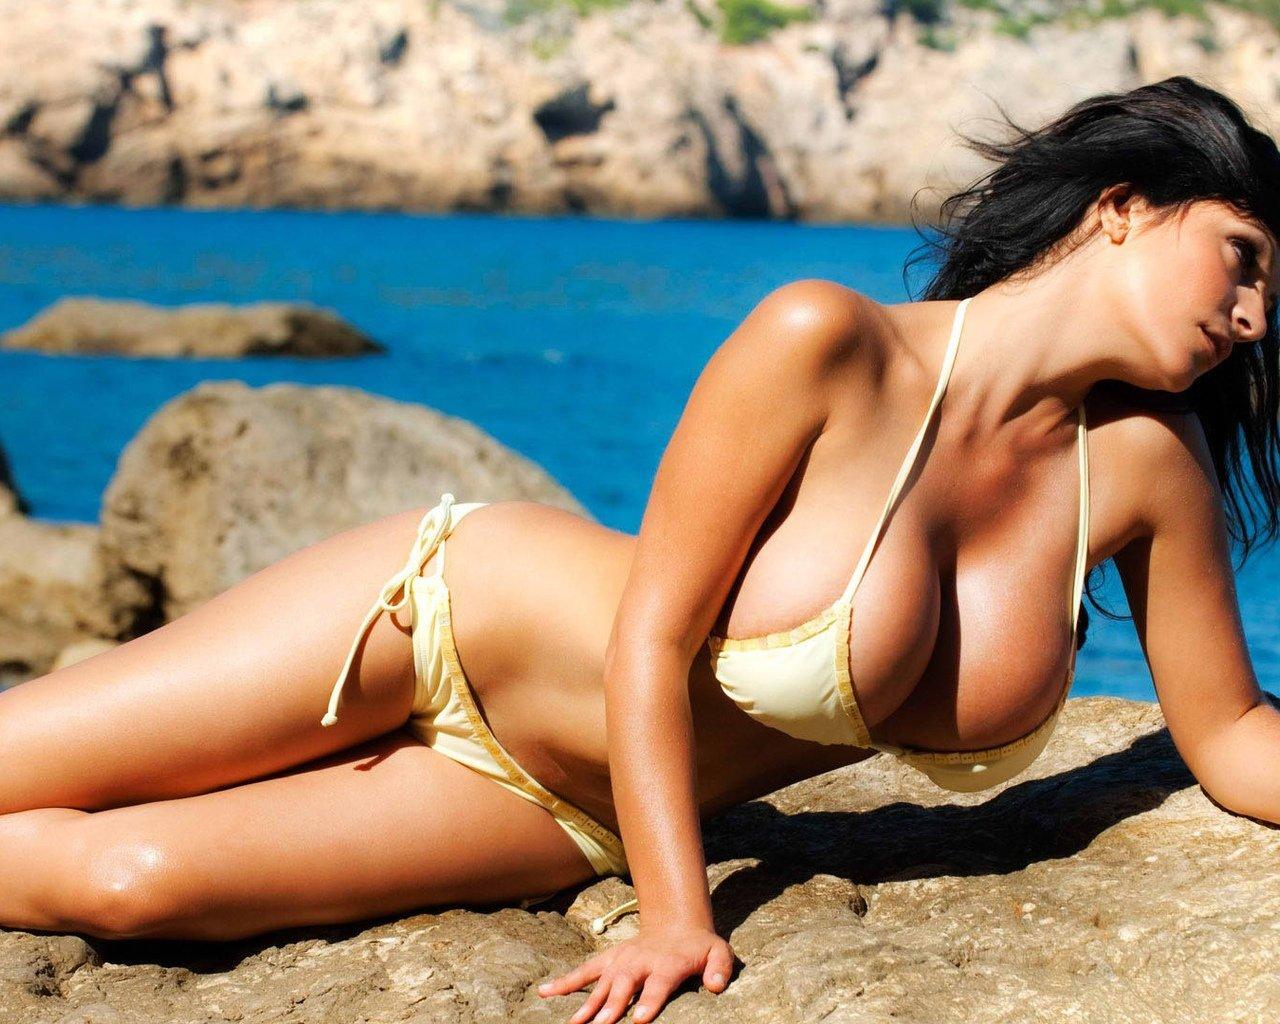 Фото Обнаженные Девочки На Пляже